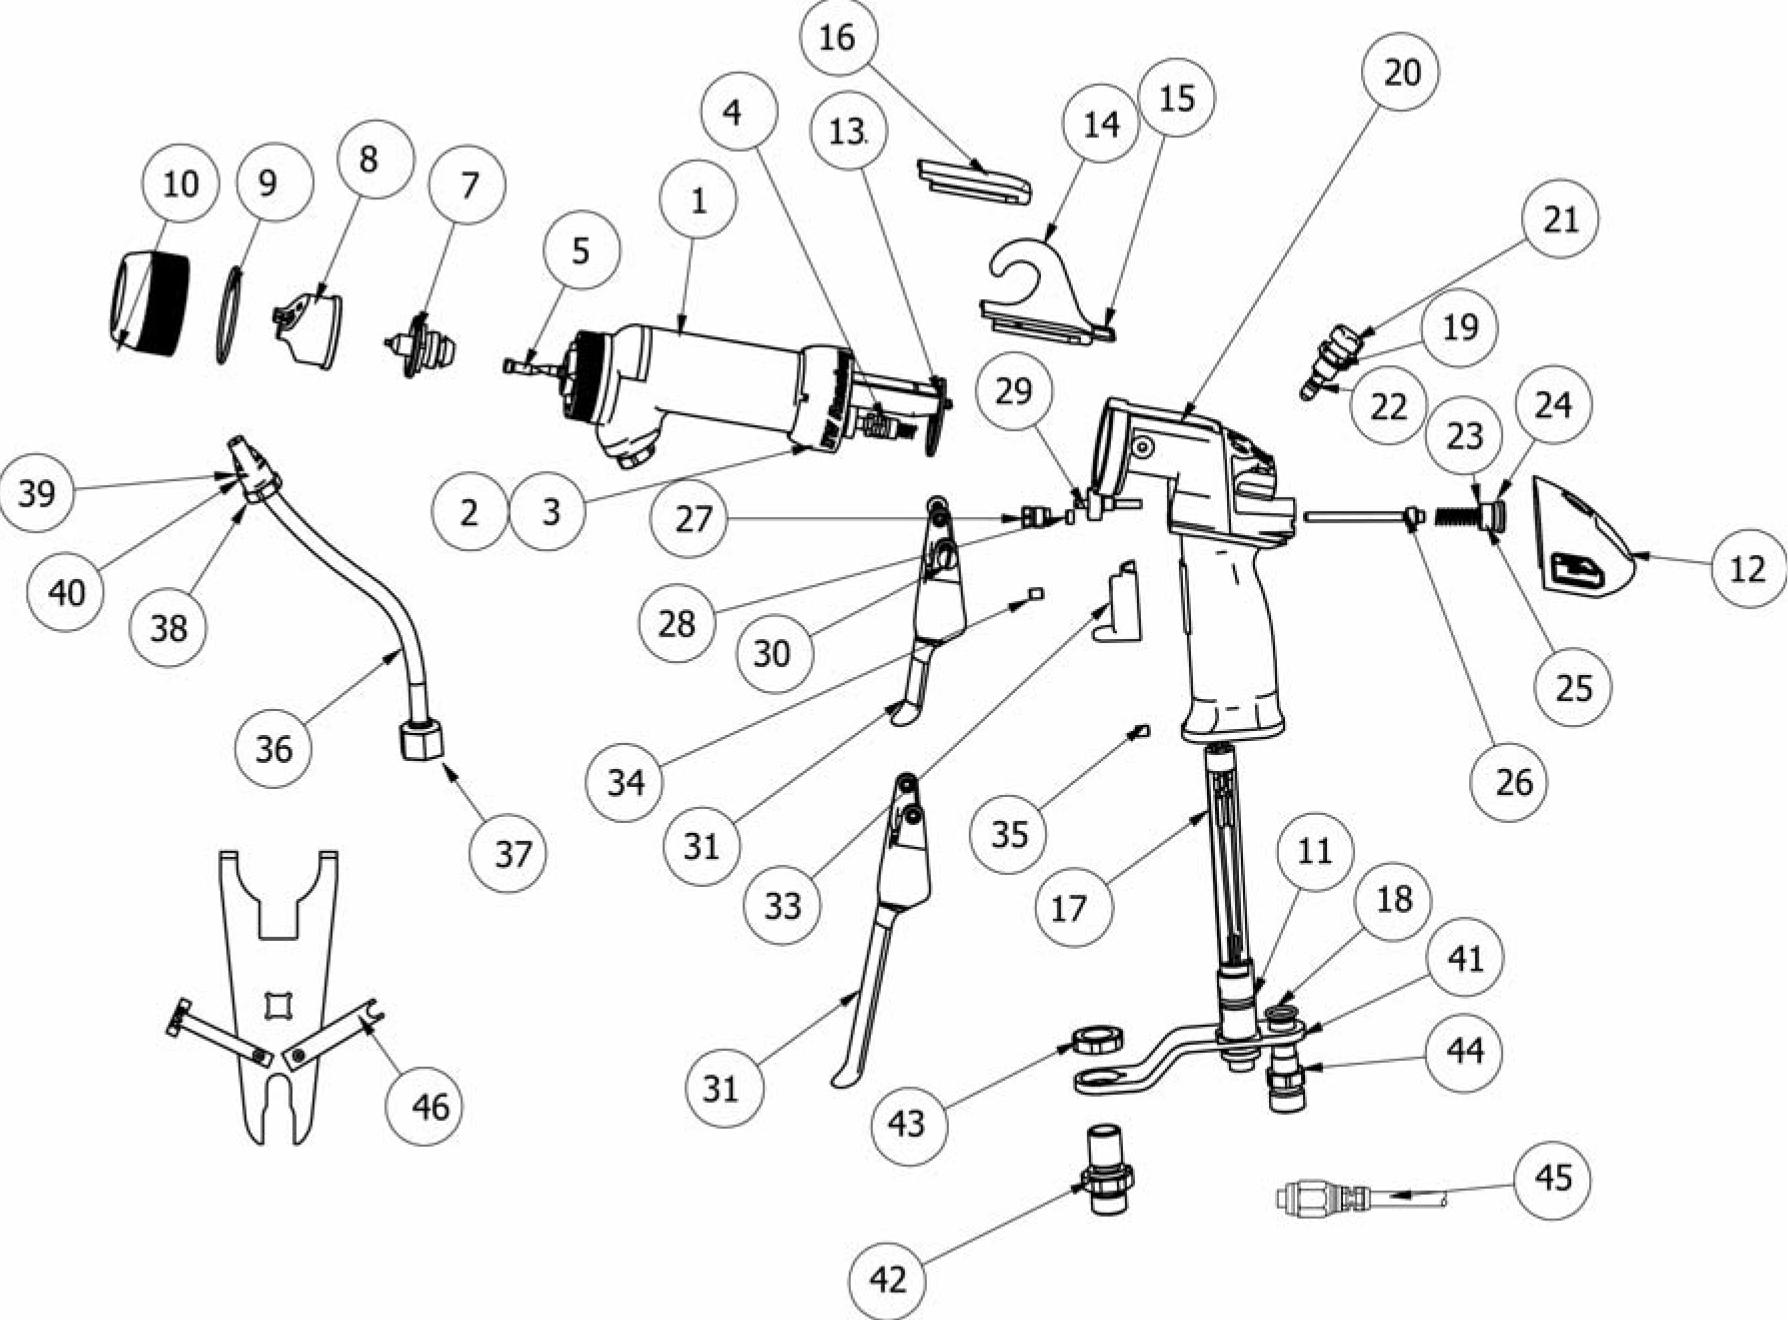 suzuki df140 wiring diagram 2004 ford taurus engine 2001 marauder vz800